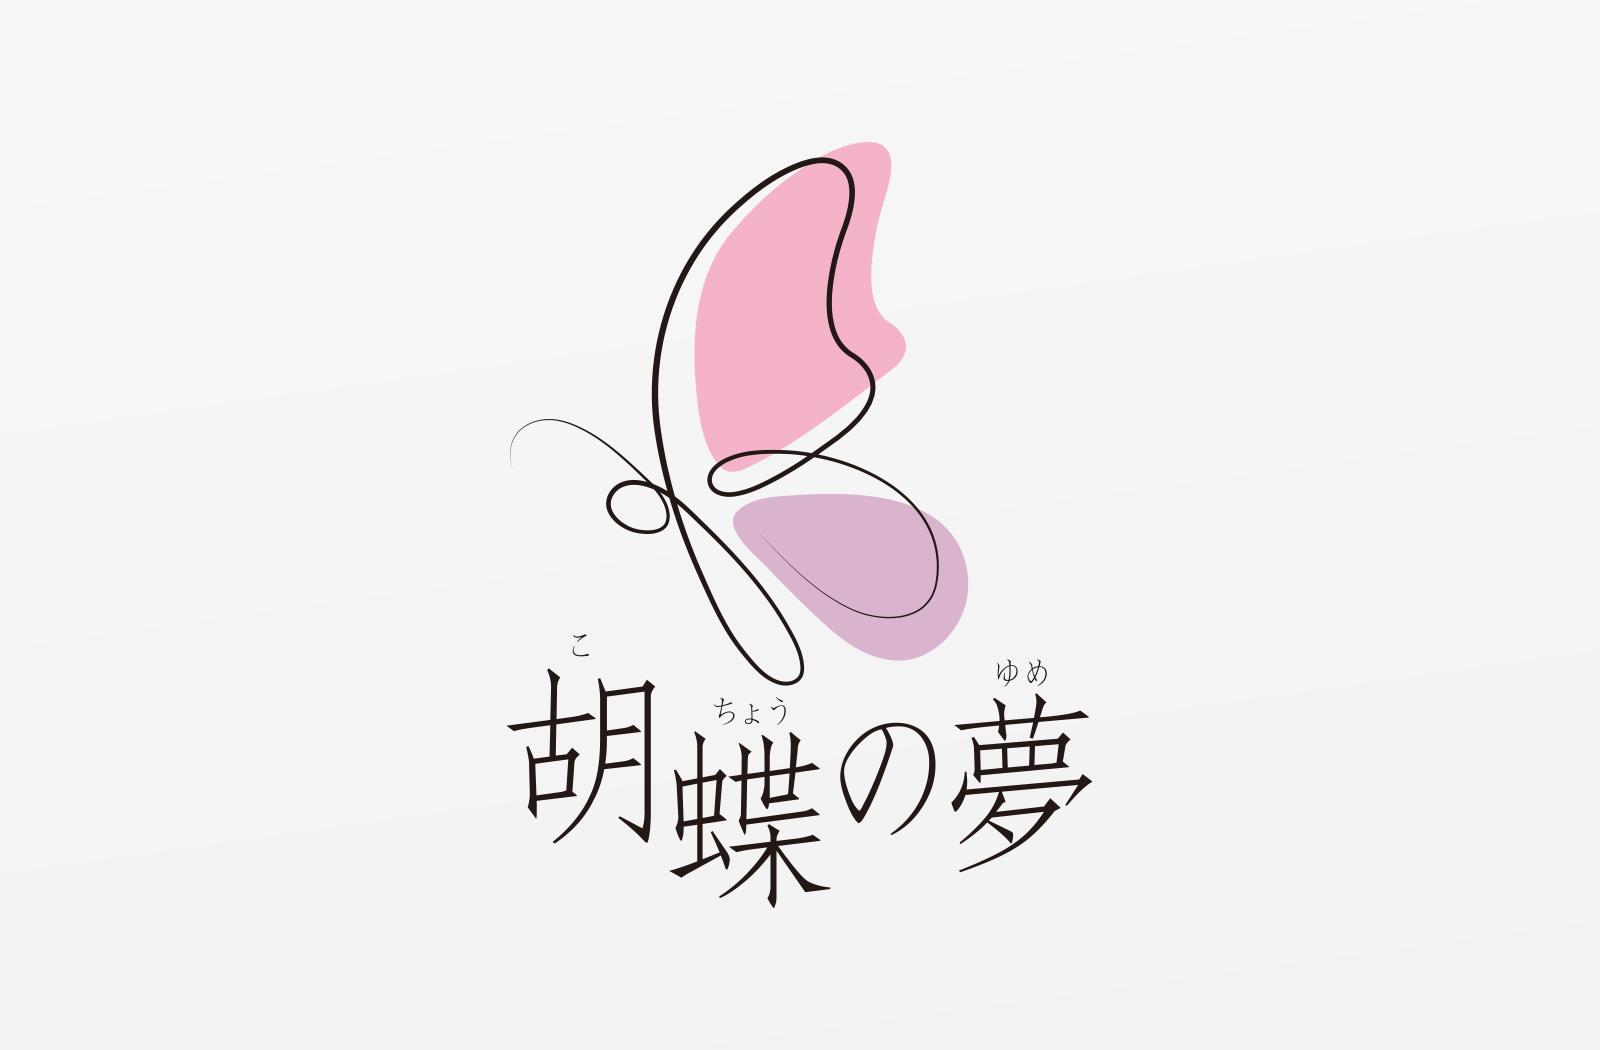 胡蝶の夢 ロゴ